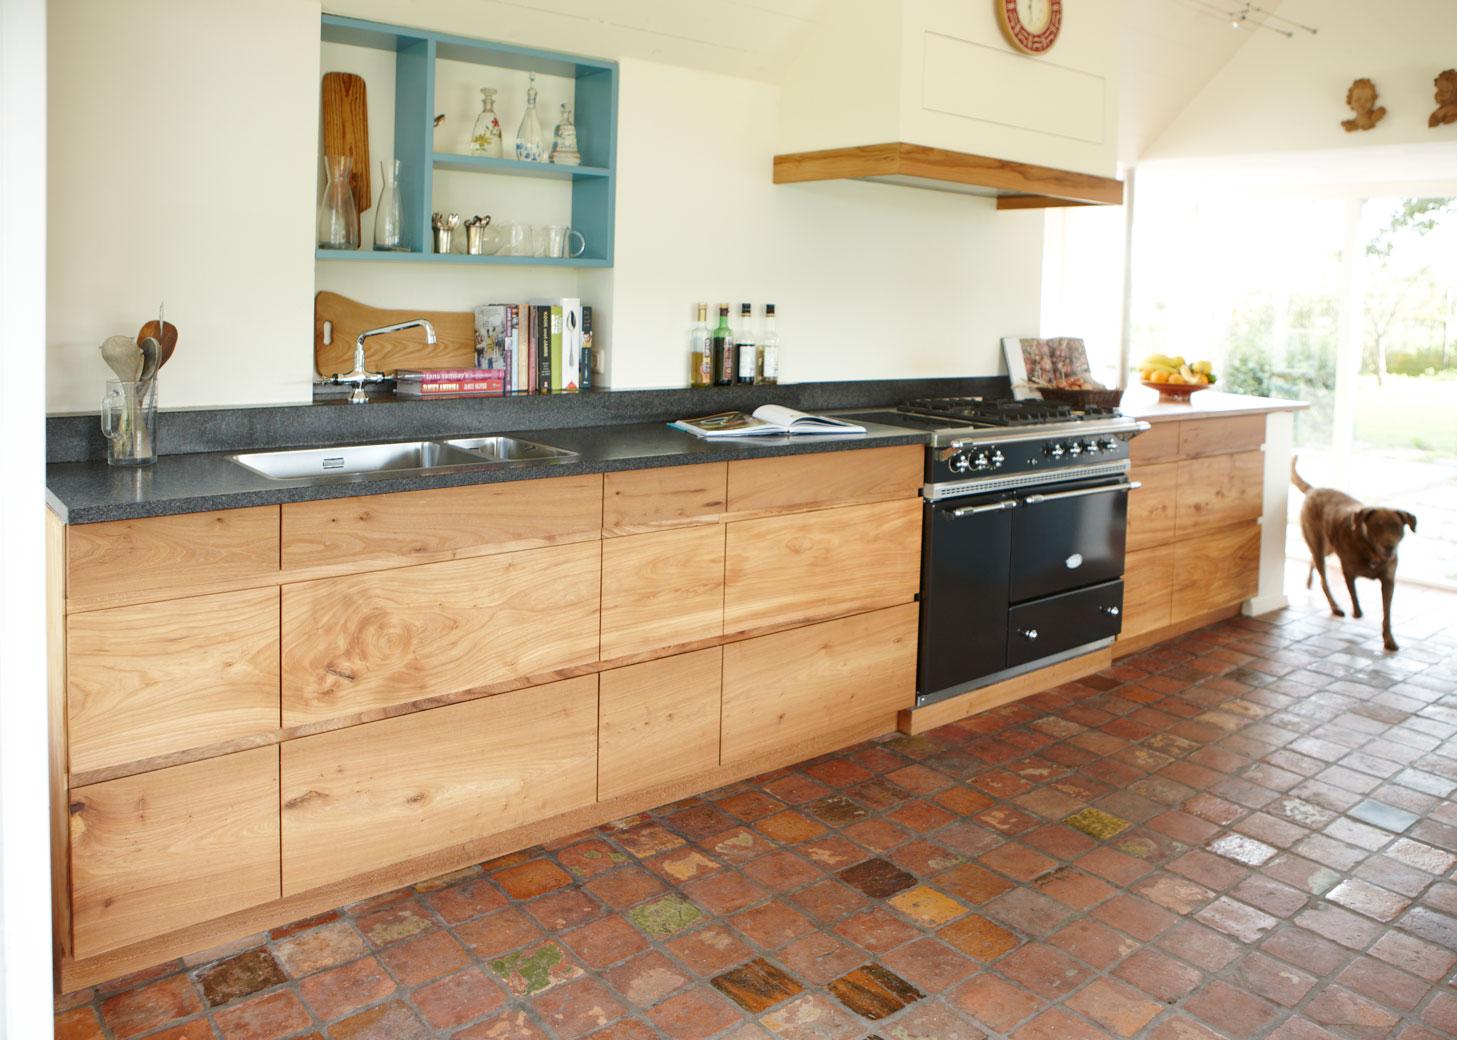 De Eikenhouten Keuken : Landelijke keukens op maat houtwerk hattem keukens